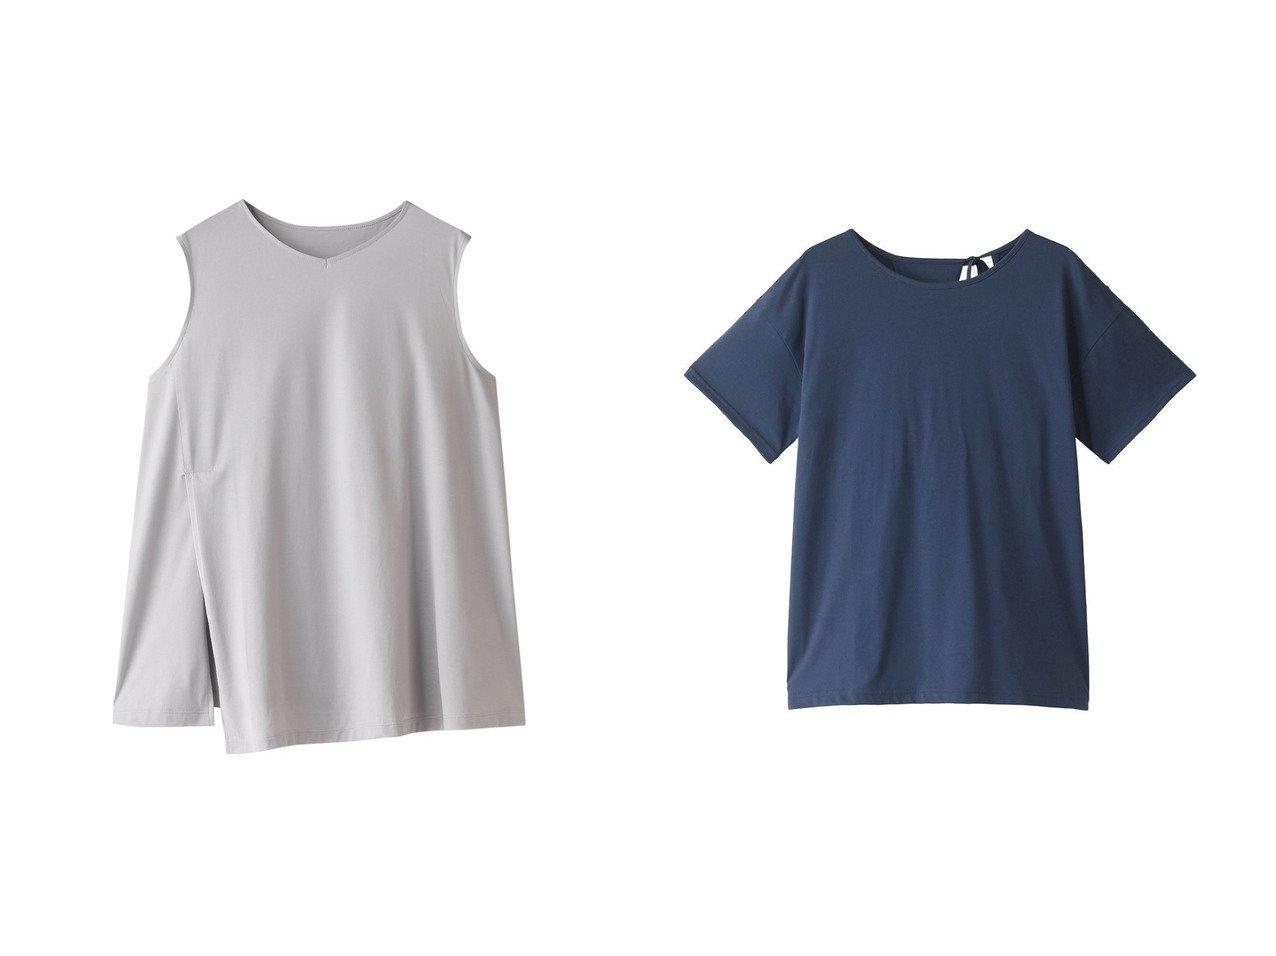 【Julier/ジュリエ】のスピンプラチナムバインドタンクトップ&スピンプラチナムバックオープンTシャツ スポーツ・ヨガウェア、運動・ダイエットグッズなどのおすすめ!人気ファッション通販 おすすめで人気の流行・トレンド、ファッションの通販商品 メンズファッション・キッズファッション・インテリア・家具・レディースファッション・服の通販 founy(ファニー) https://founy.com/ ファッション Fashion レディースファッション WOMEN トップス・カットソー Tops/Tshirt スポーツウェア Sportswear スポーツ トップス Tops シャツ/ブラウス Shirts/Blouses ロング / Tシャツ T-Shirts サマー スポーツ スリット タンク なめらか ヨガ ワーク |ID:crp329100000039858